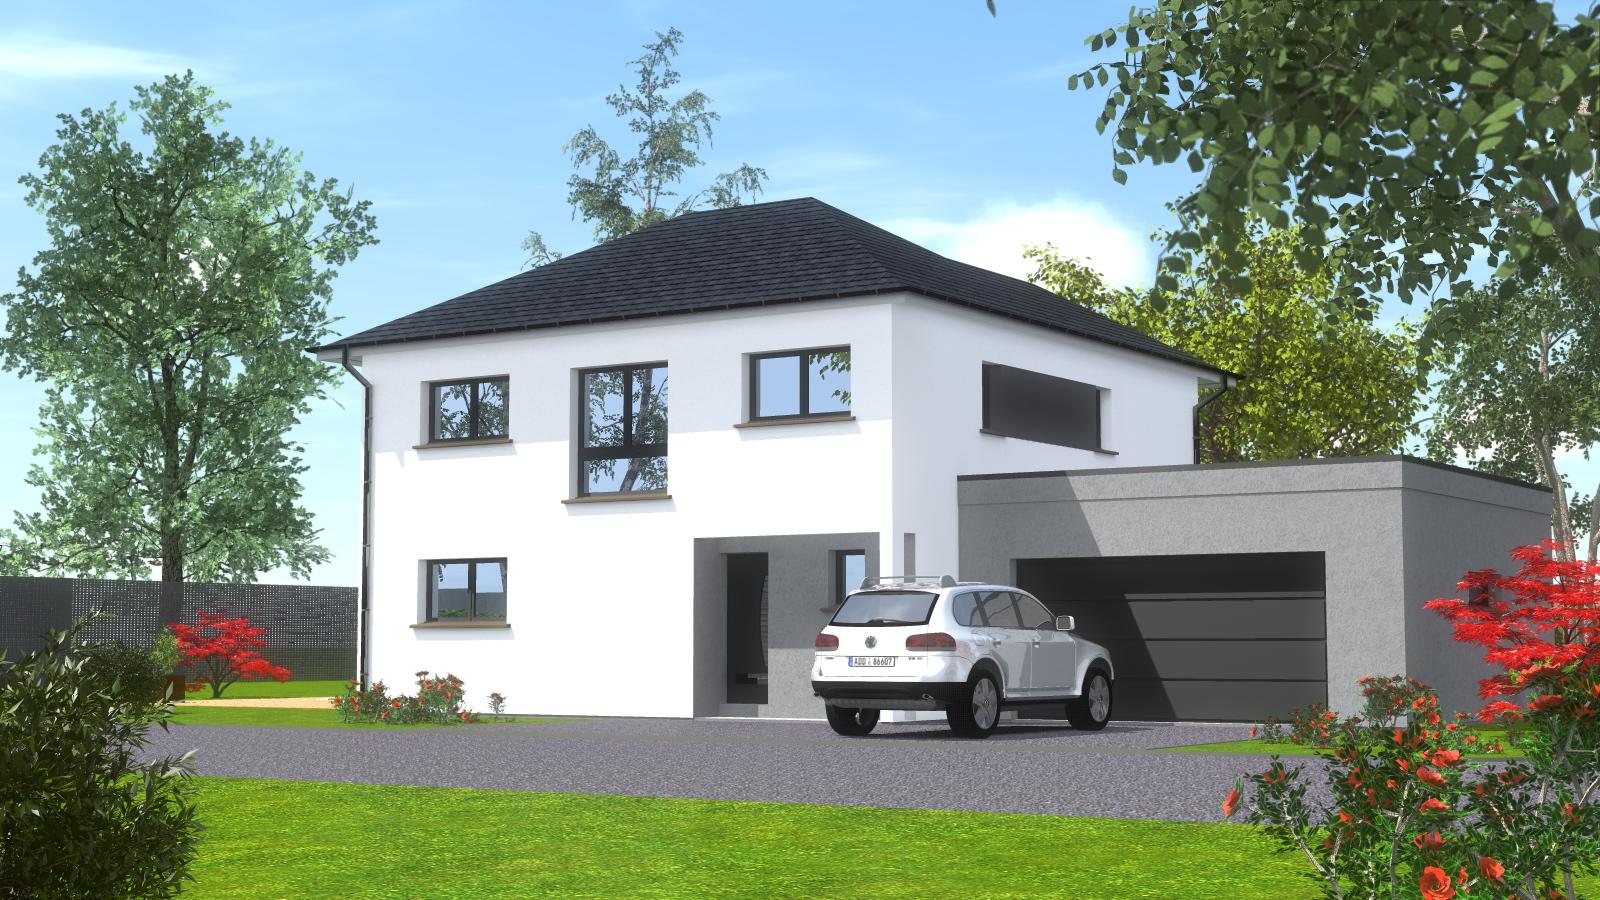 Constructeur maisons quatre pans constructeur maisons quatre pansmaisons begi - Construction garage accole maison ...